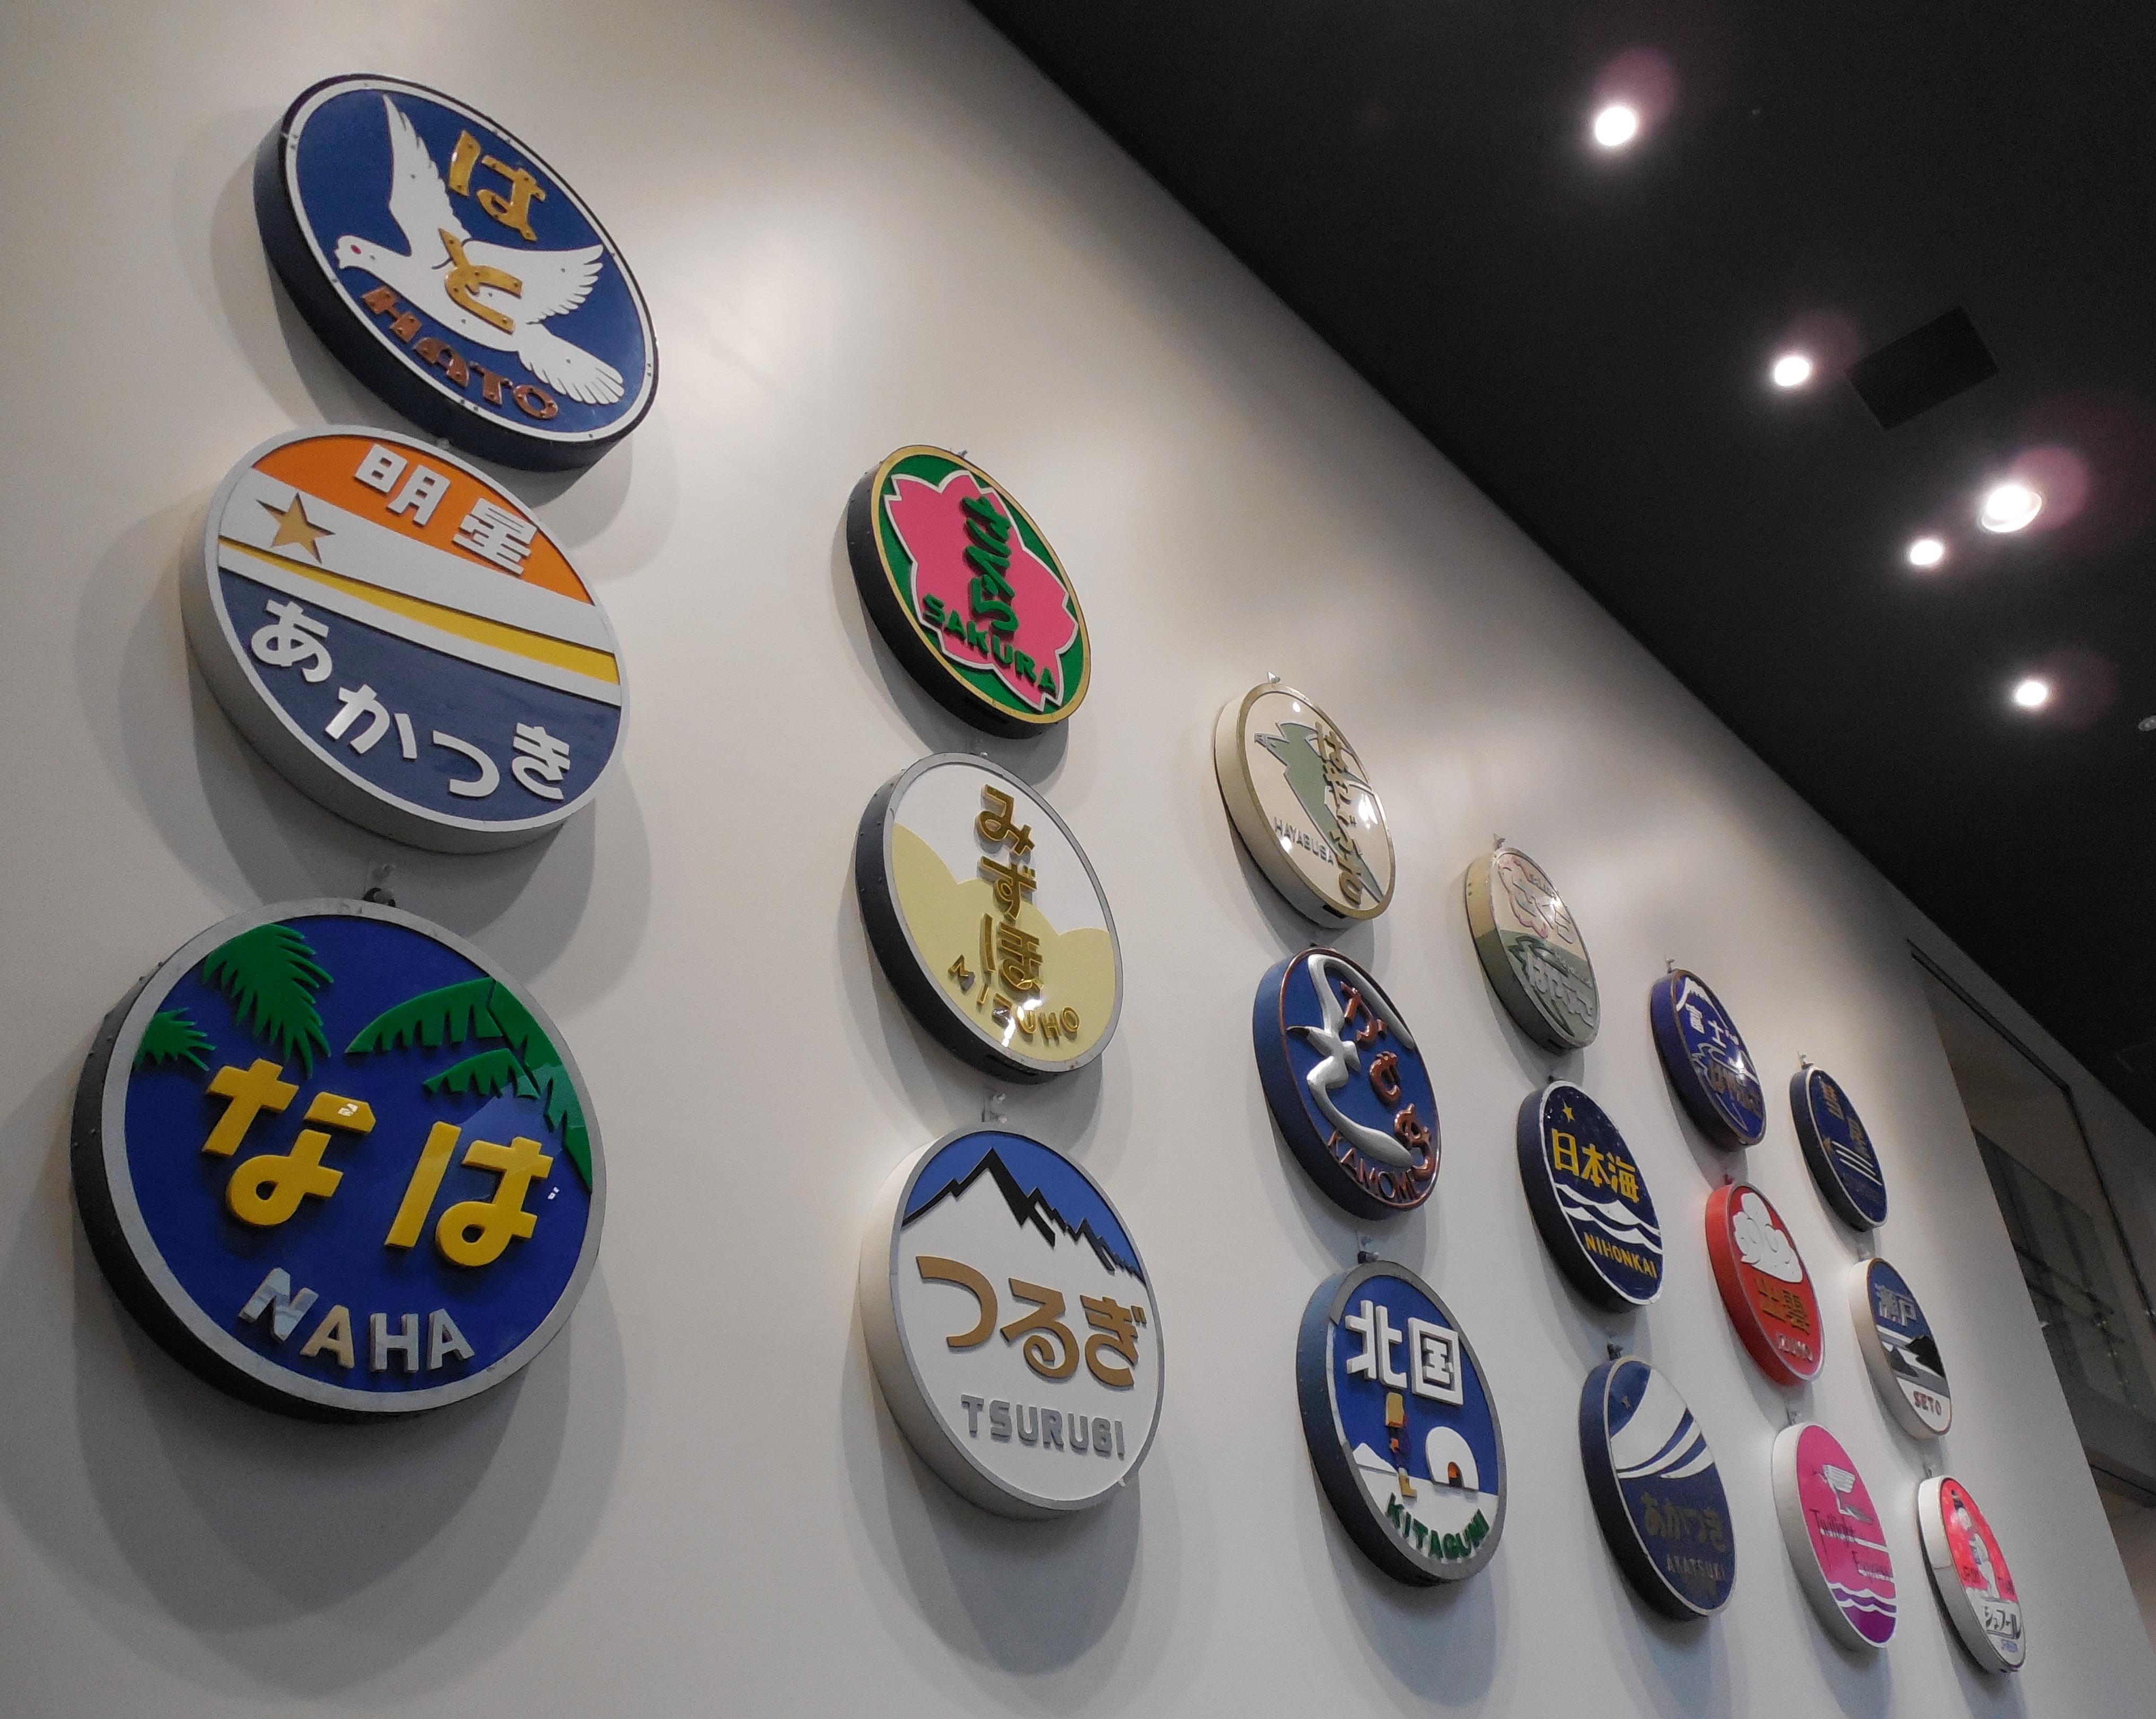 栄光の歴史を表す18枚のヘッドマーク=京都鉄道博物館